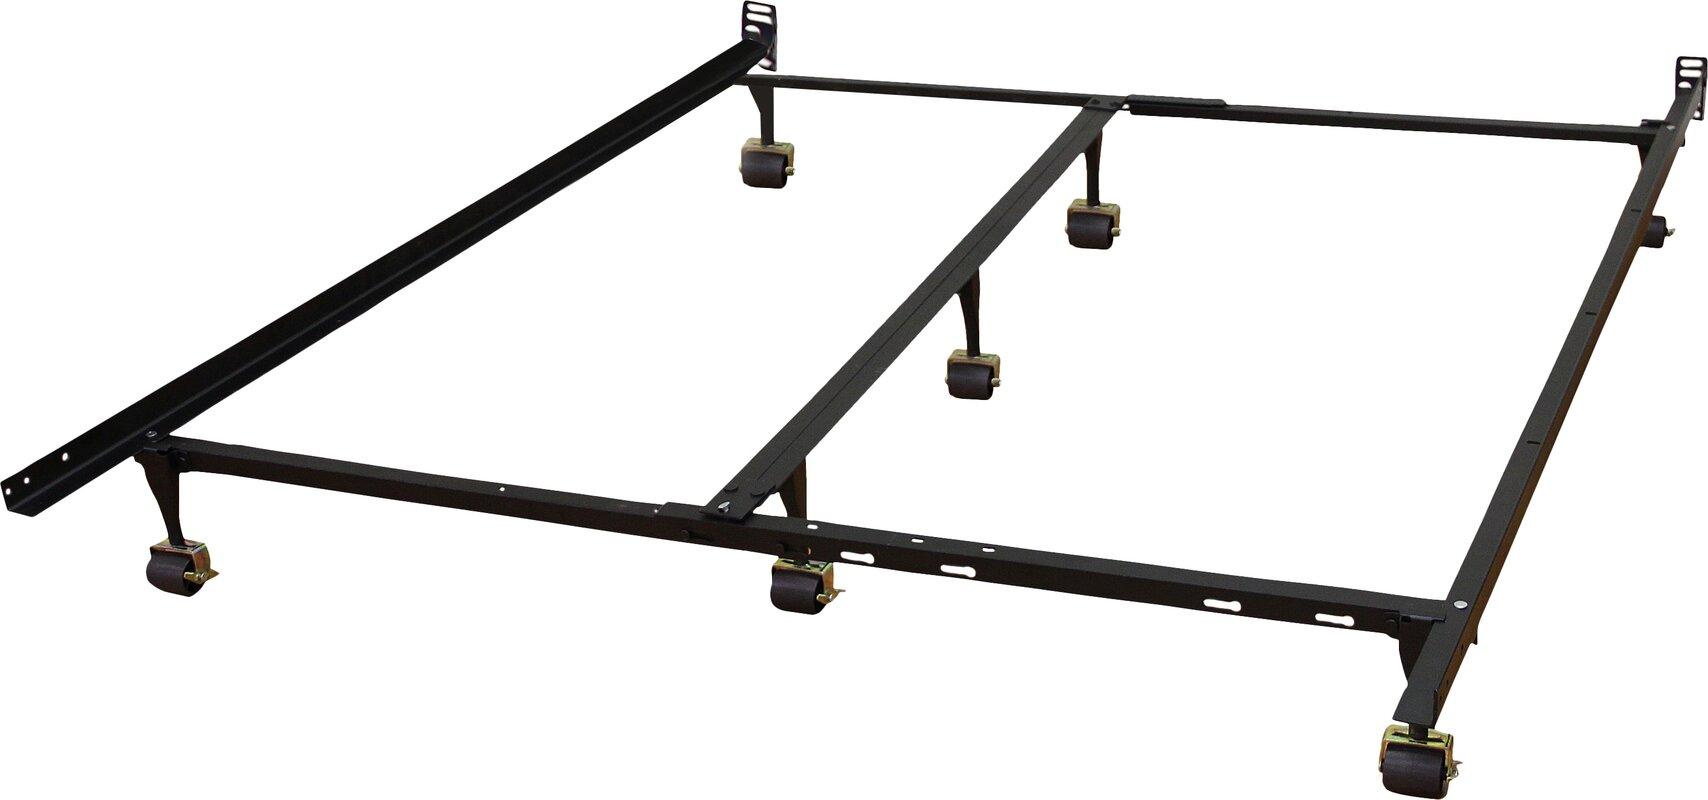 Metal bed frames - Default_name